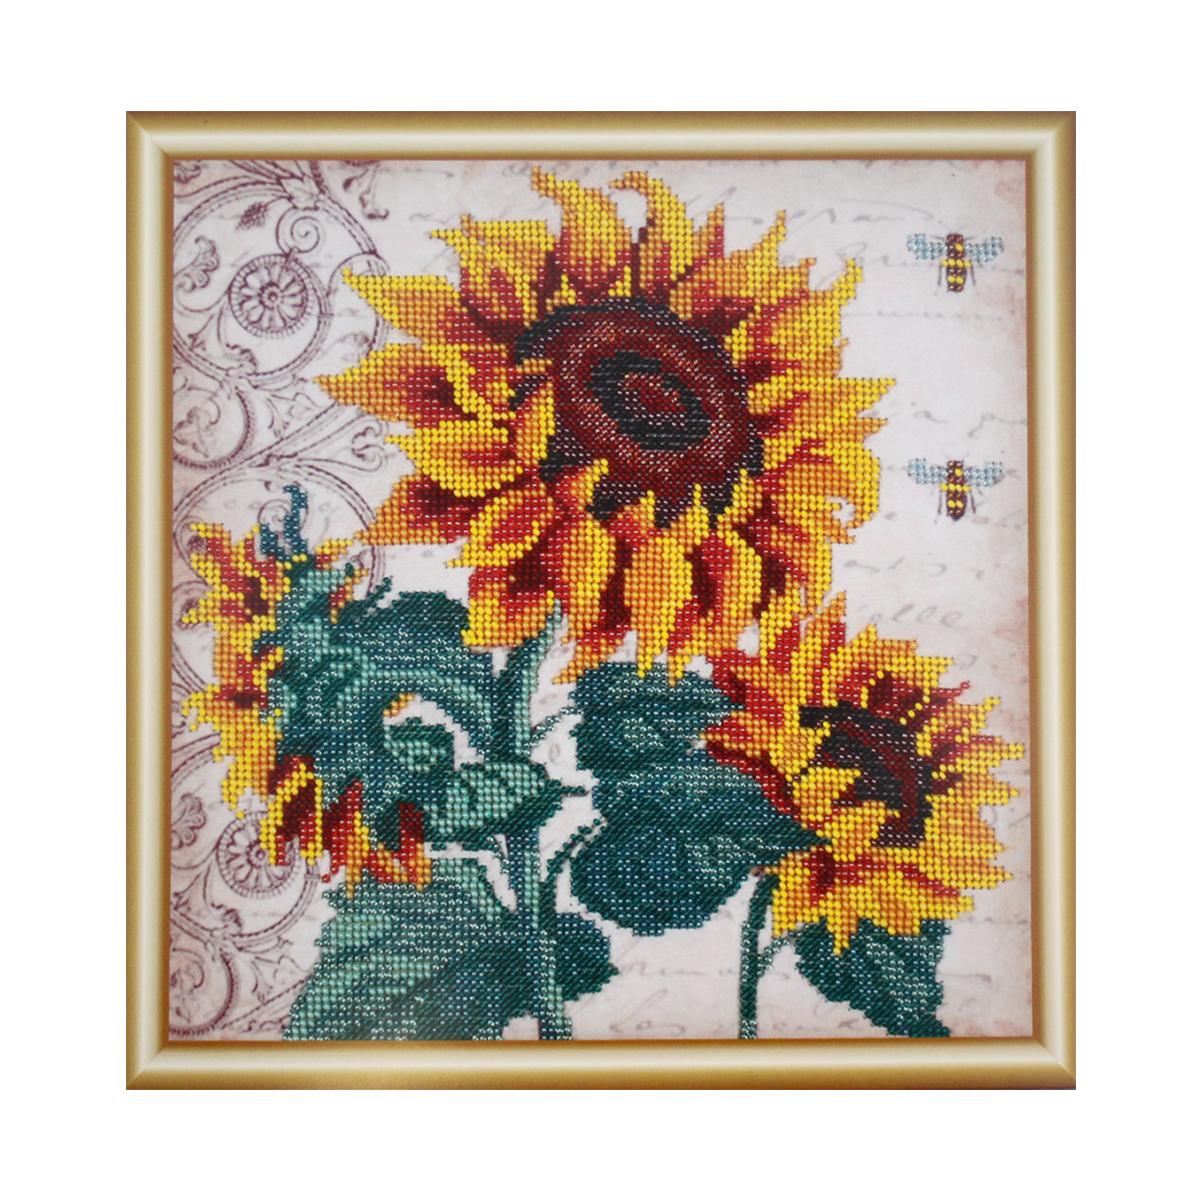 Набор для вышивания бисером Hobby & Pro Подсолнухи и пчелки,25 x 25 см582031